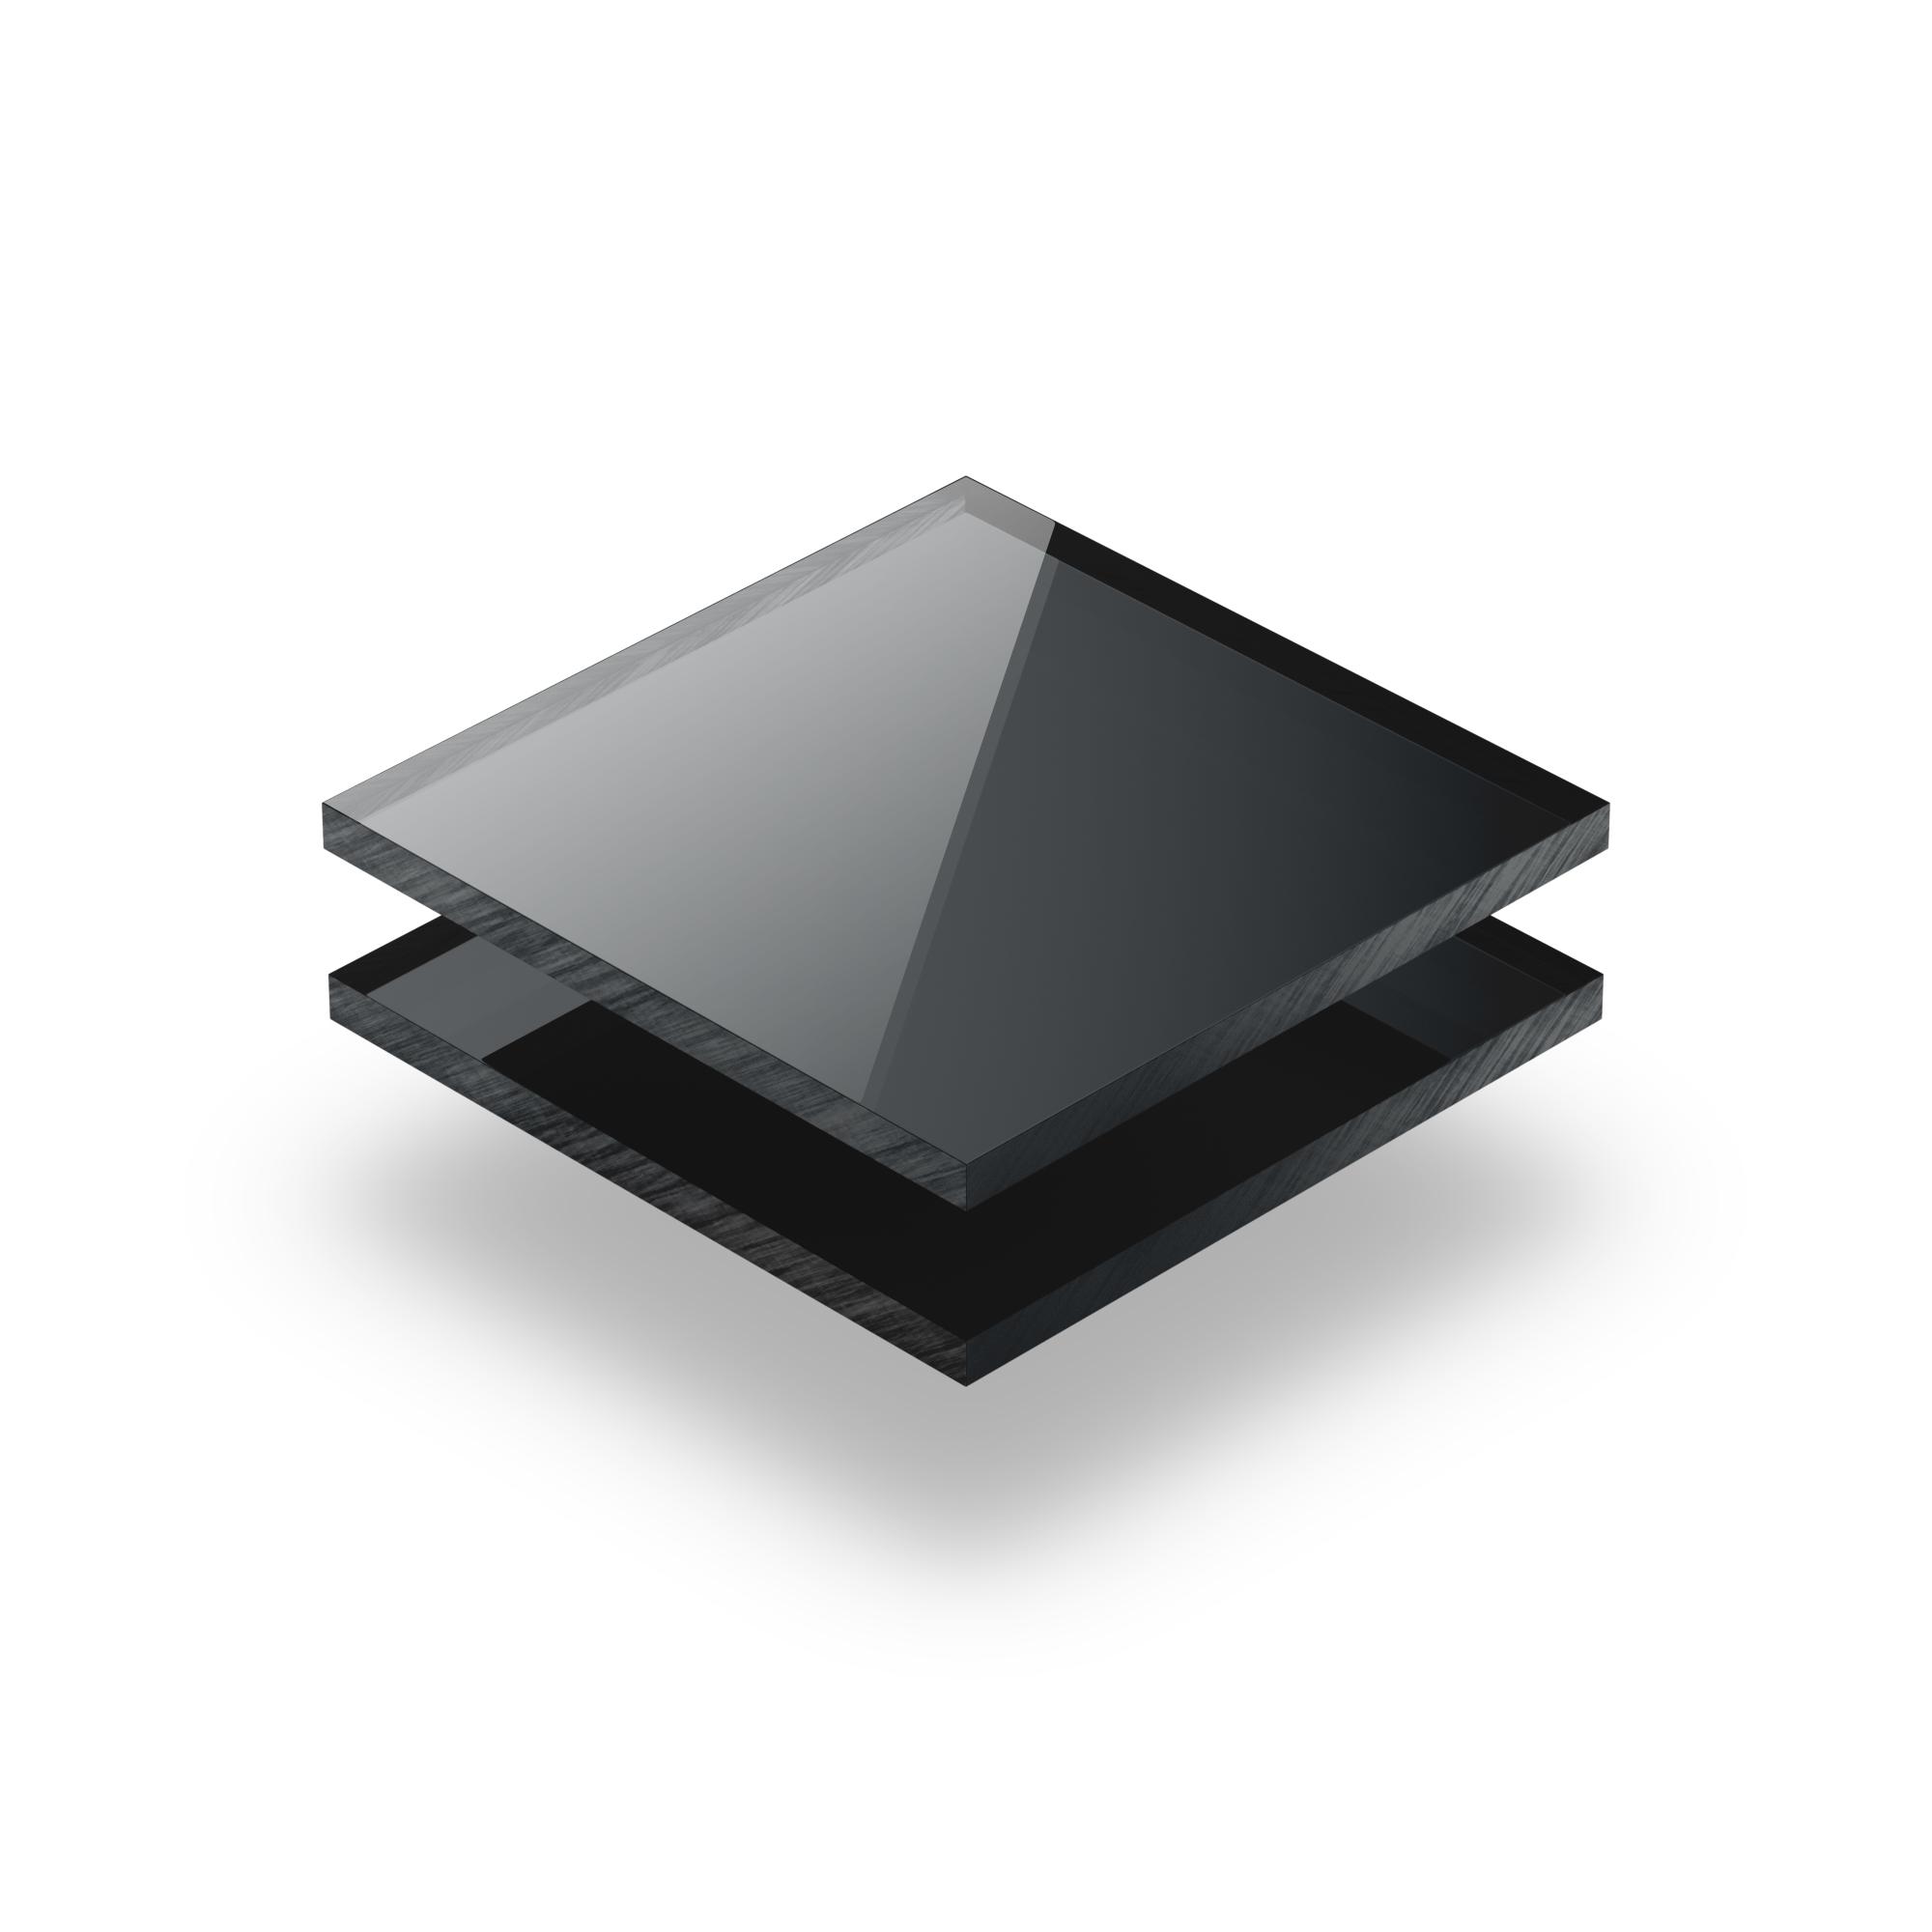 Acryl-Spiegel//Plexiglas-Spiegel 35 x 26 cm 3mm XT